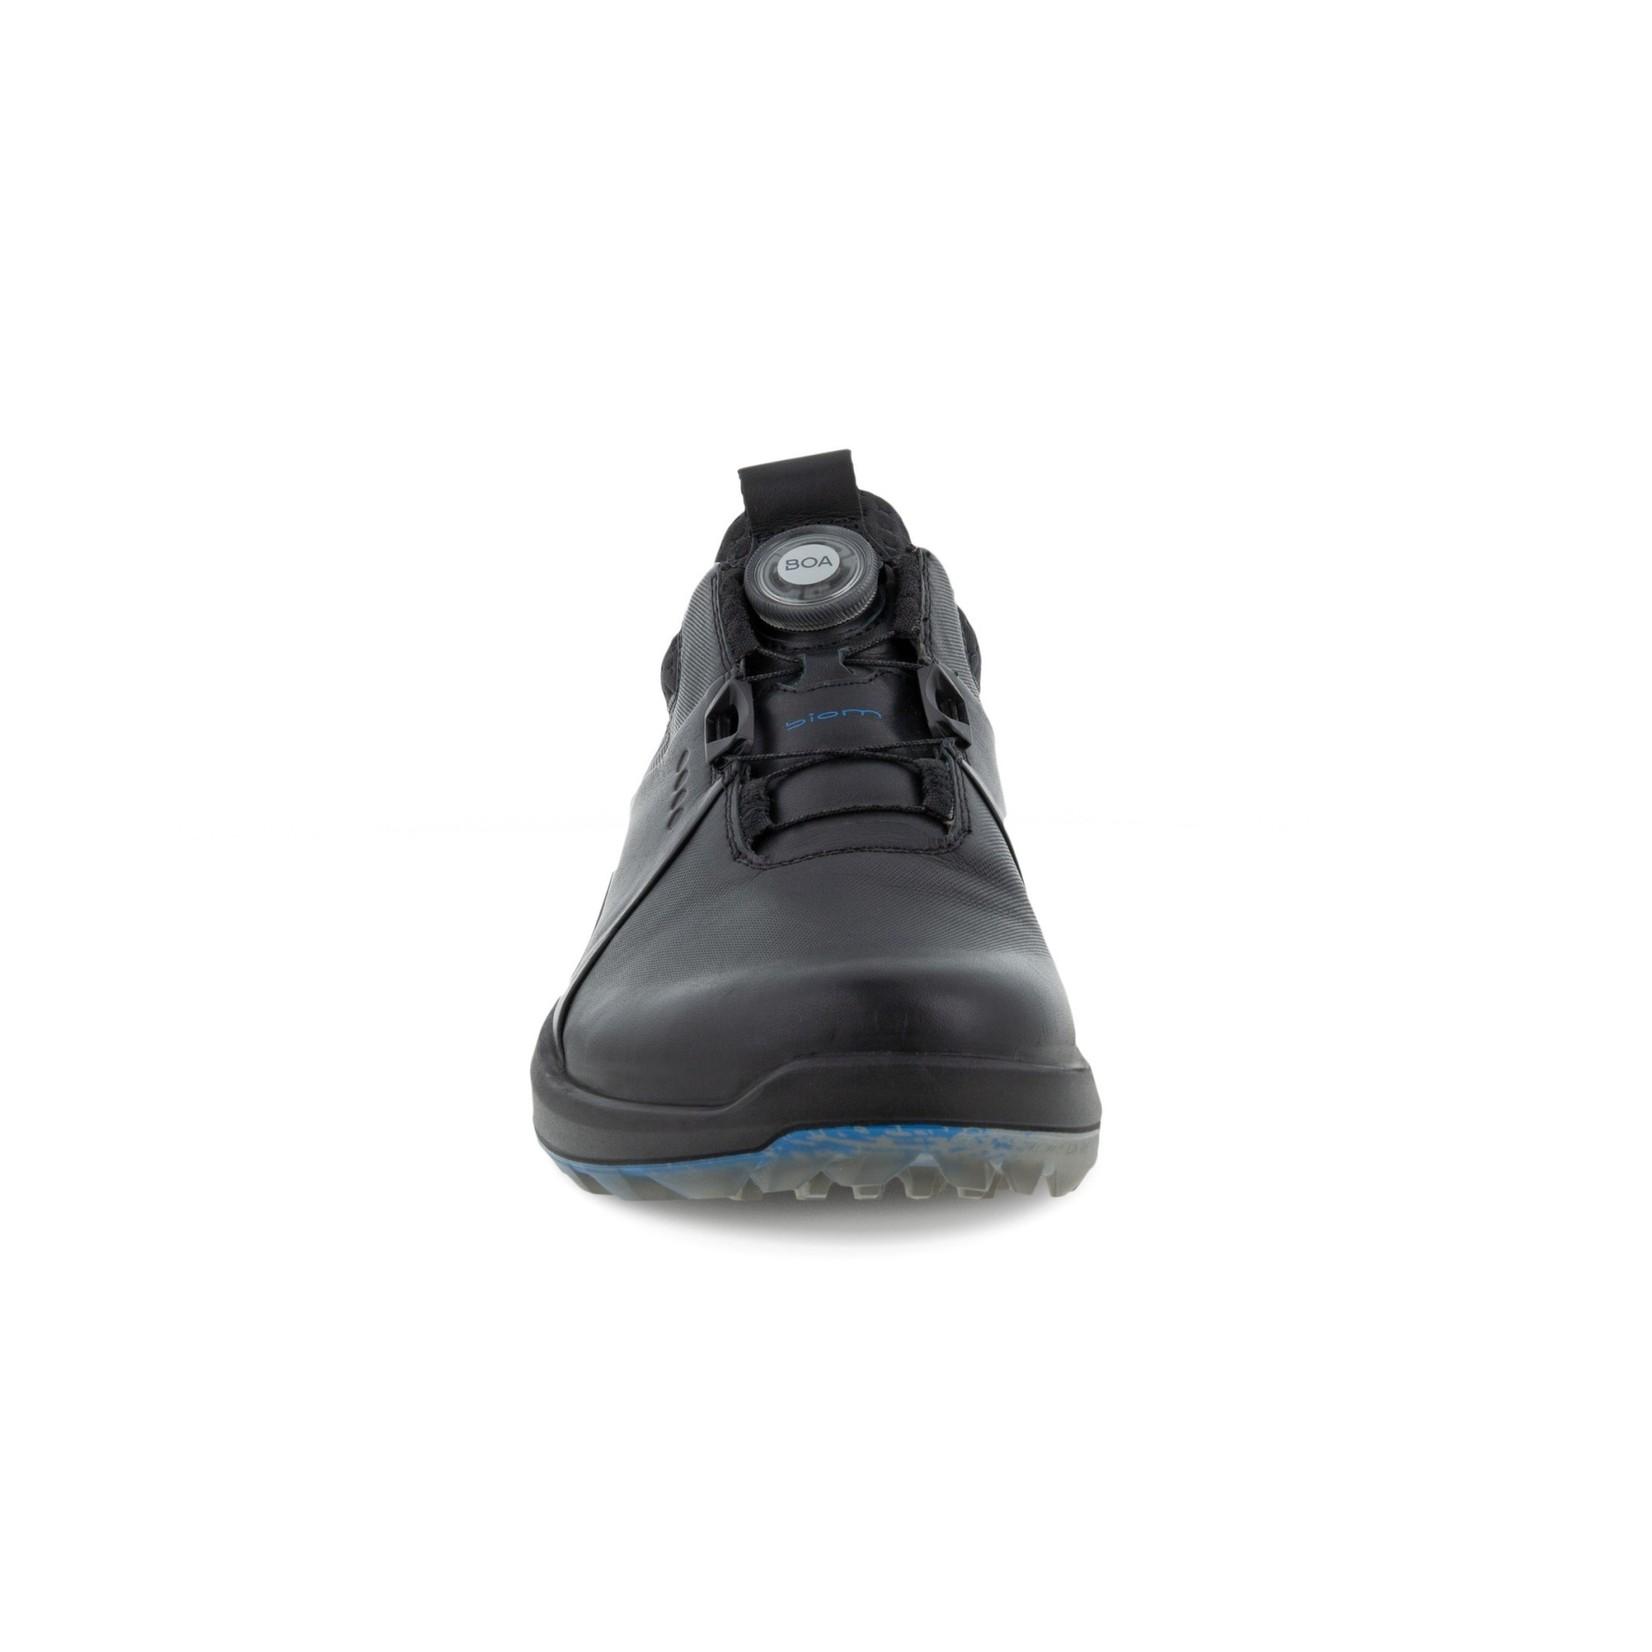 Ecco Ecco M Biom H4 Black Dritton BOA